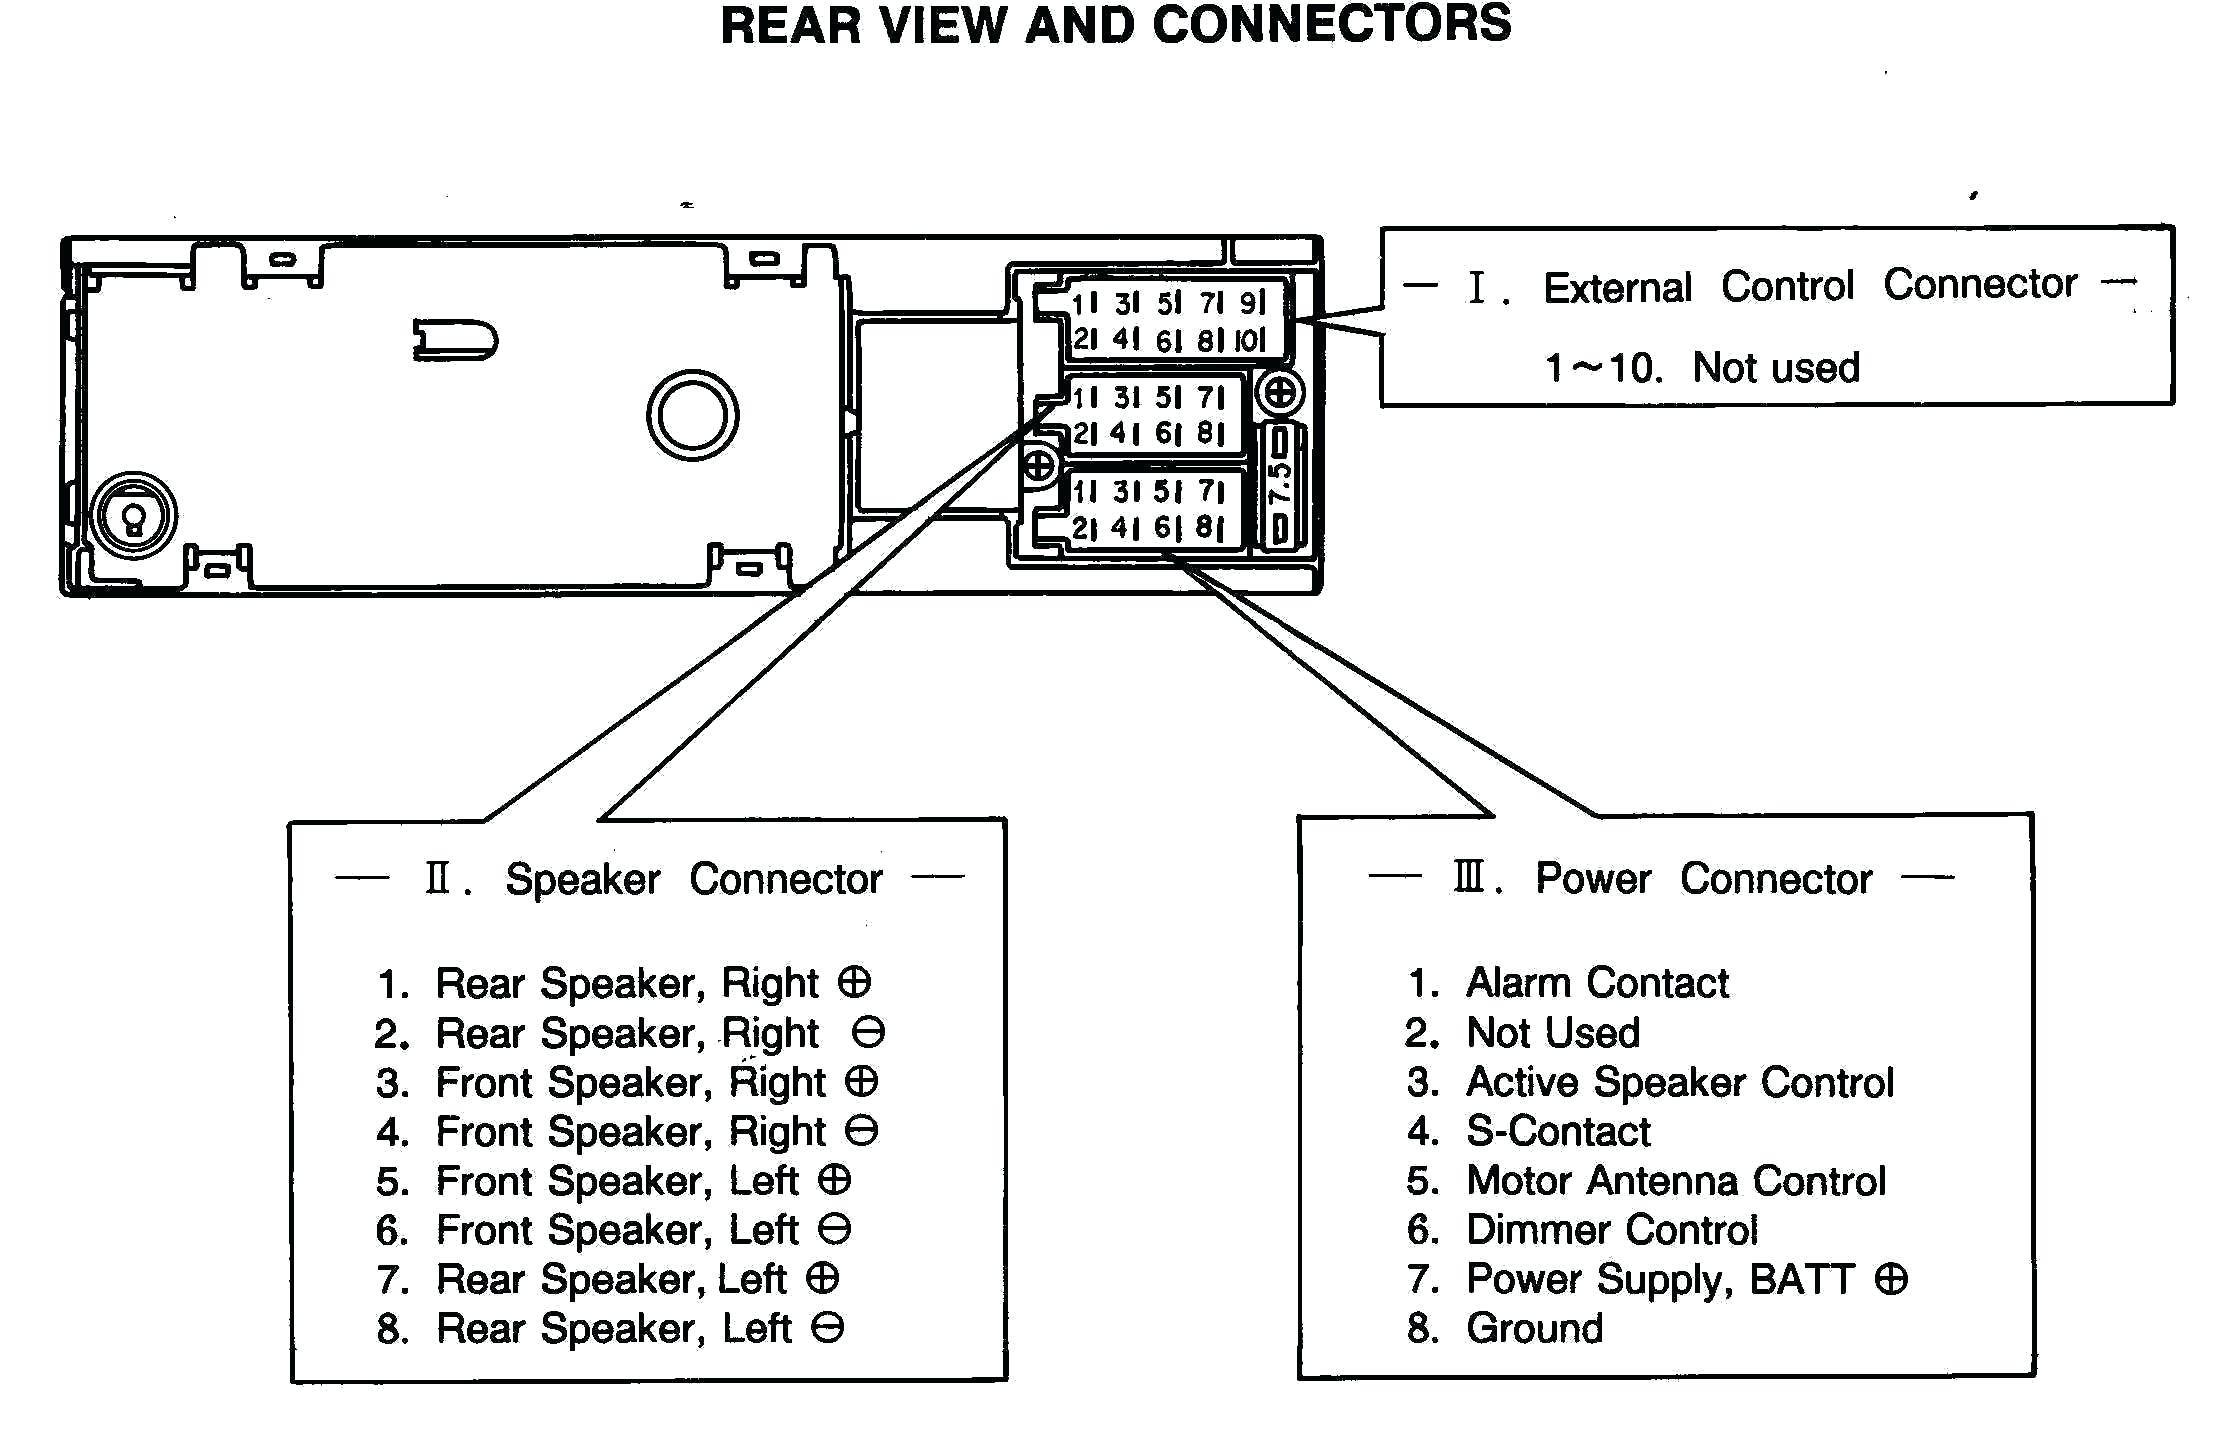 Flexalite Fan Wiring Diagram Fresh Control 4 Wiring Diagram Flex A Lite Fan Controller Well Pump Box